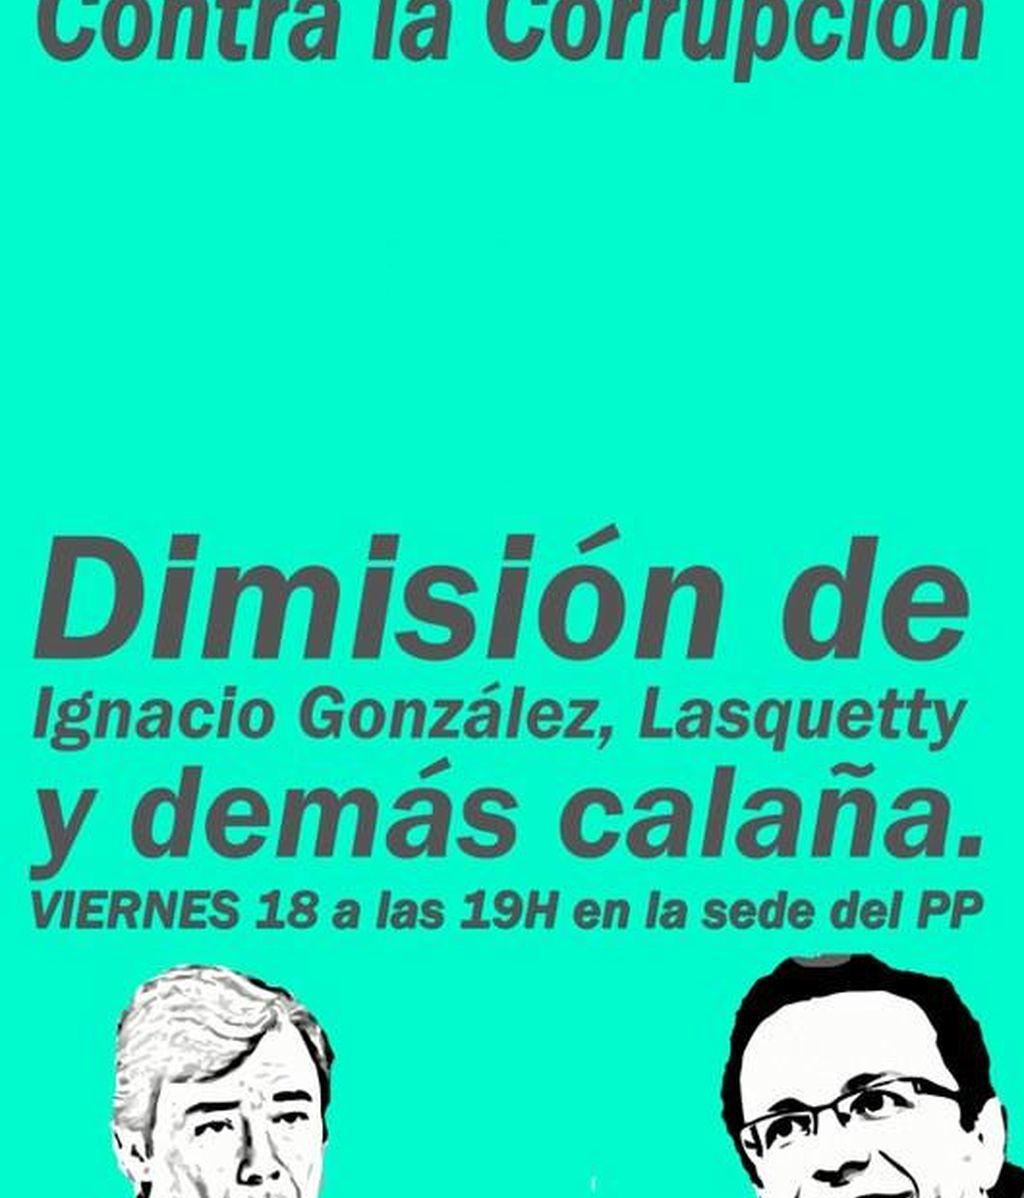 Convocada una concentración frente a la sede del PP en Madrid para denunciar la corrupción